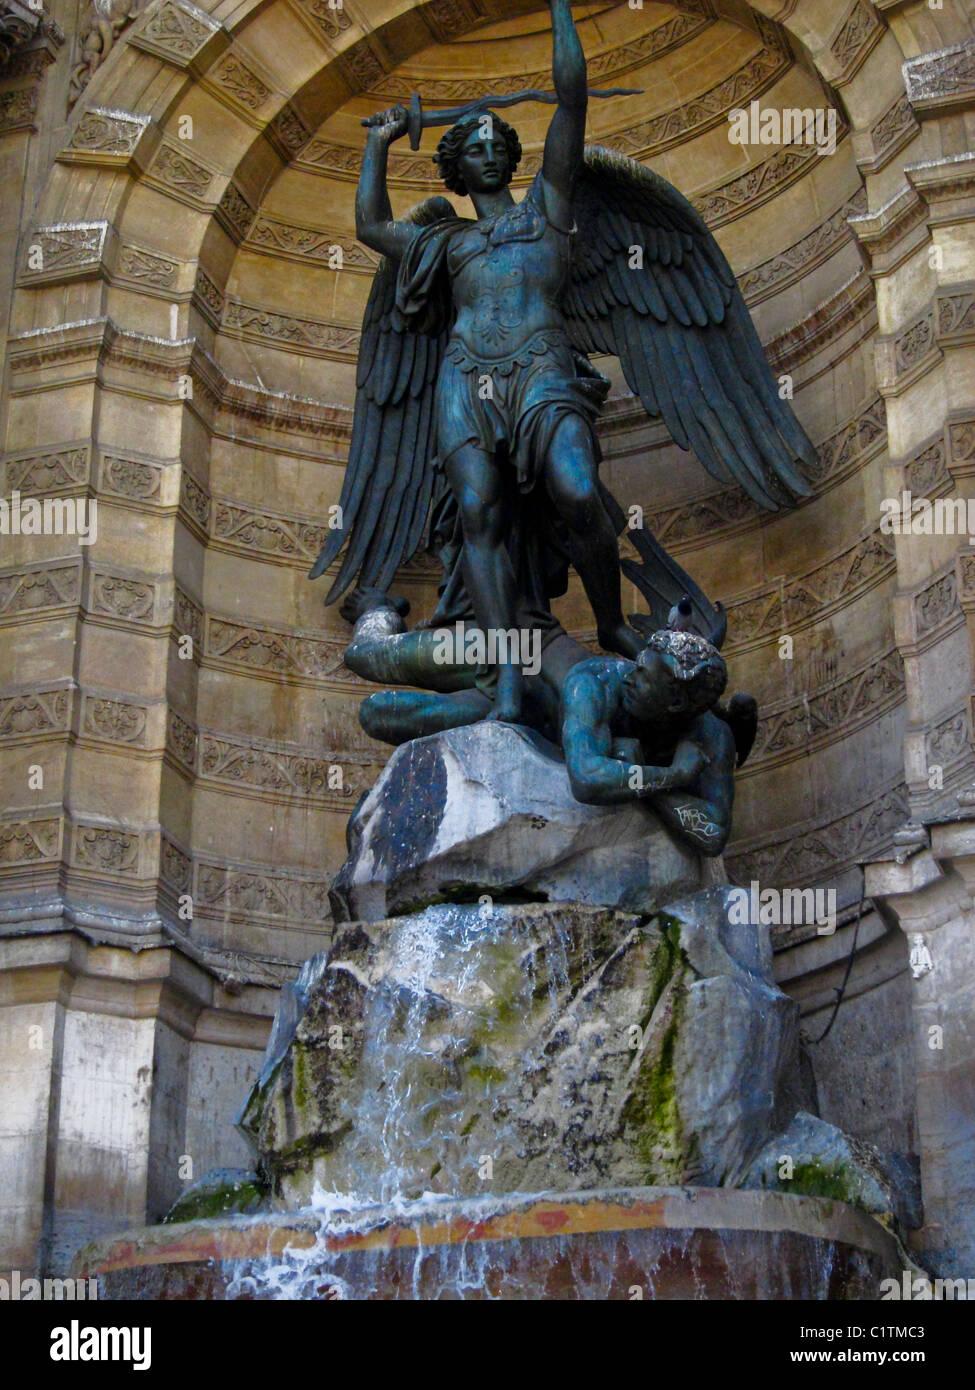 Sculpture Statue Devil Paris Stock Photos & Sculpture Statue Devil